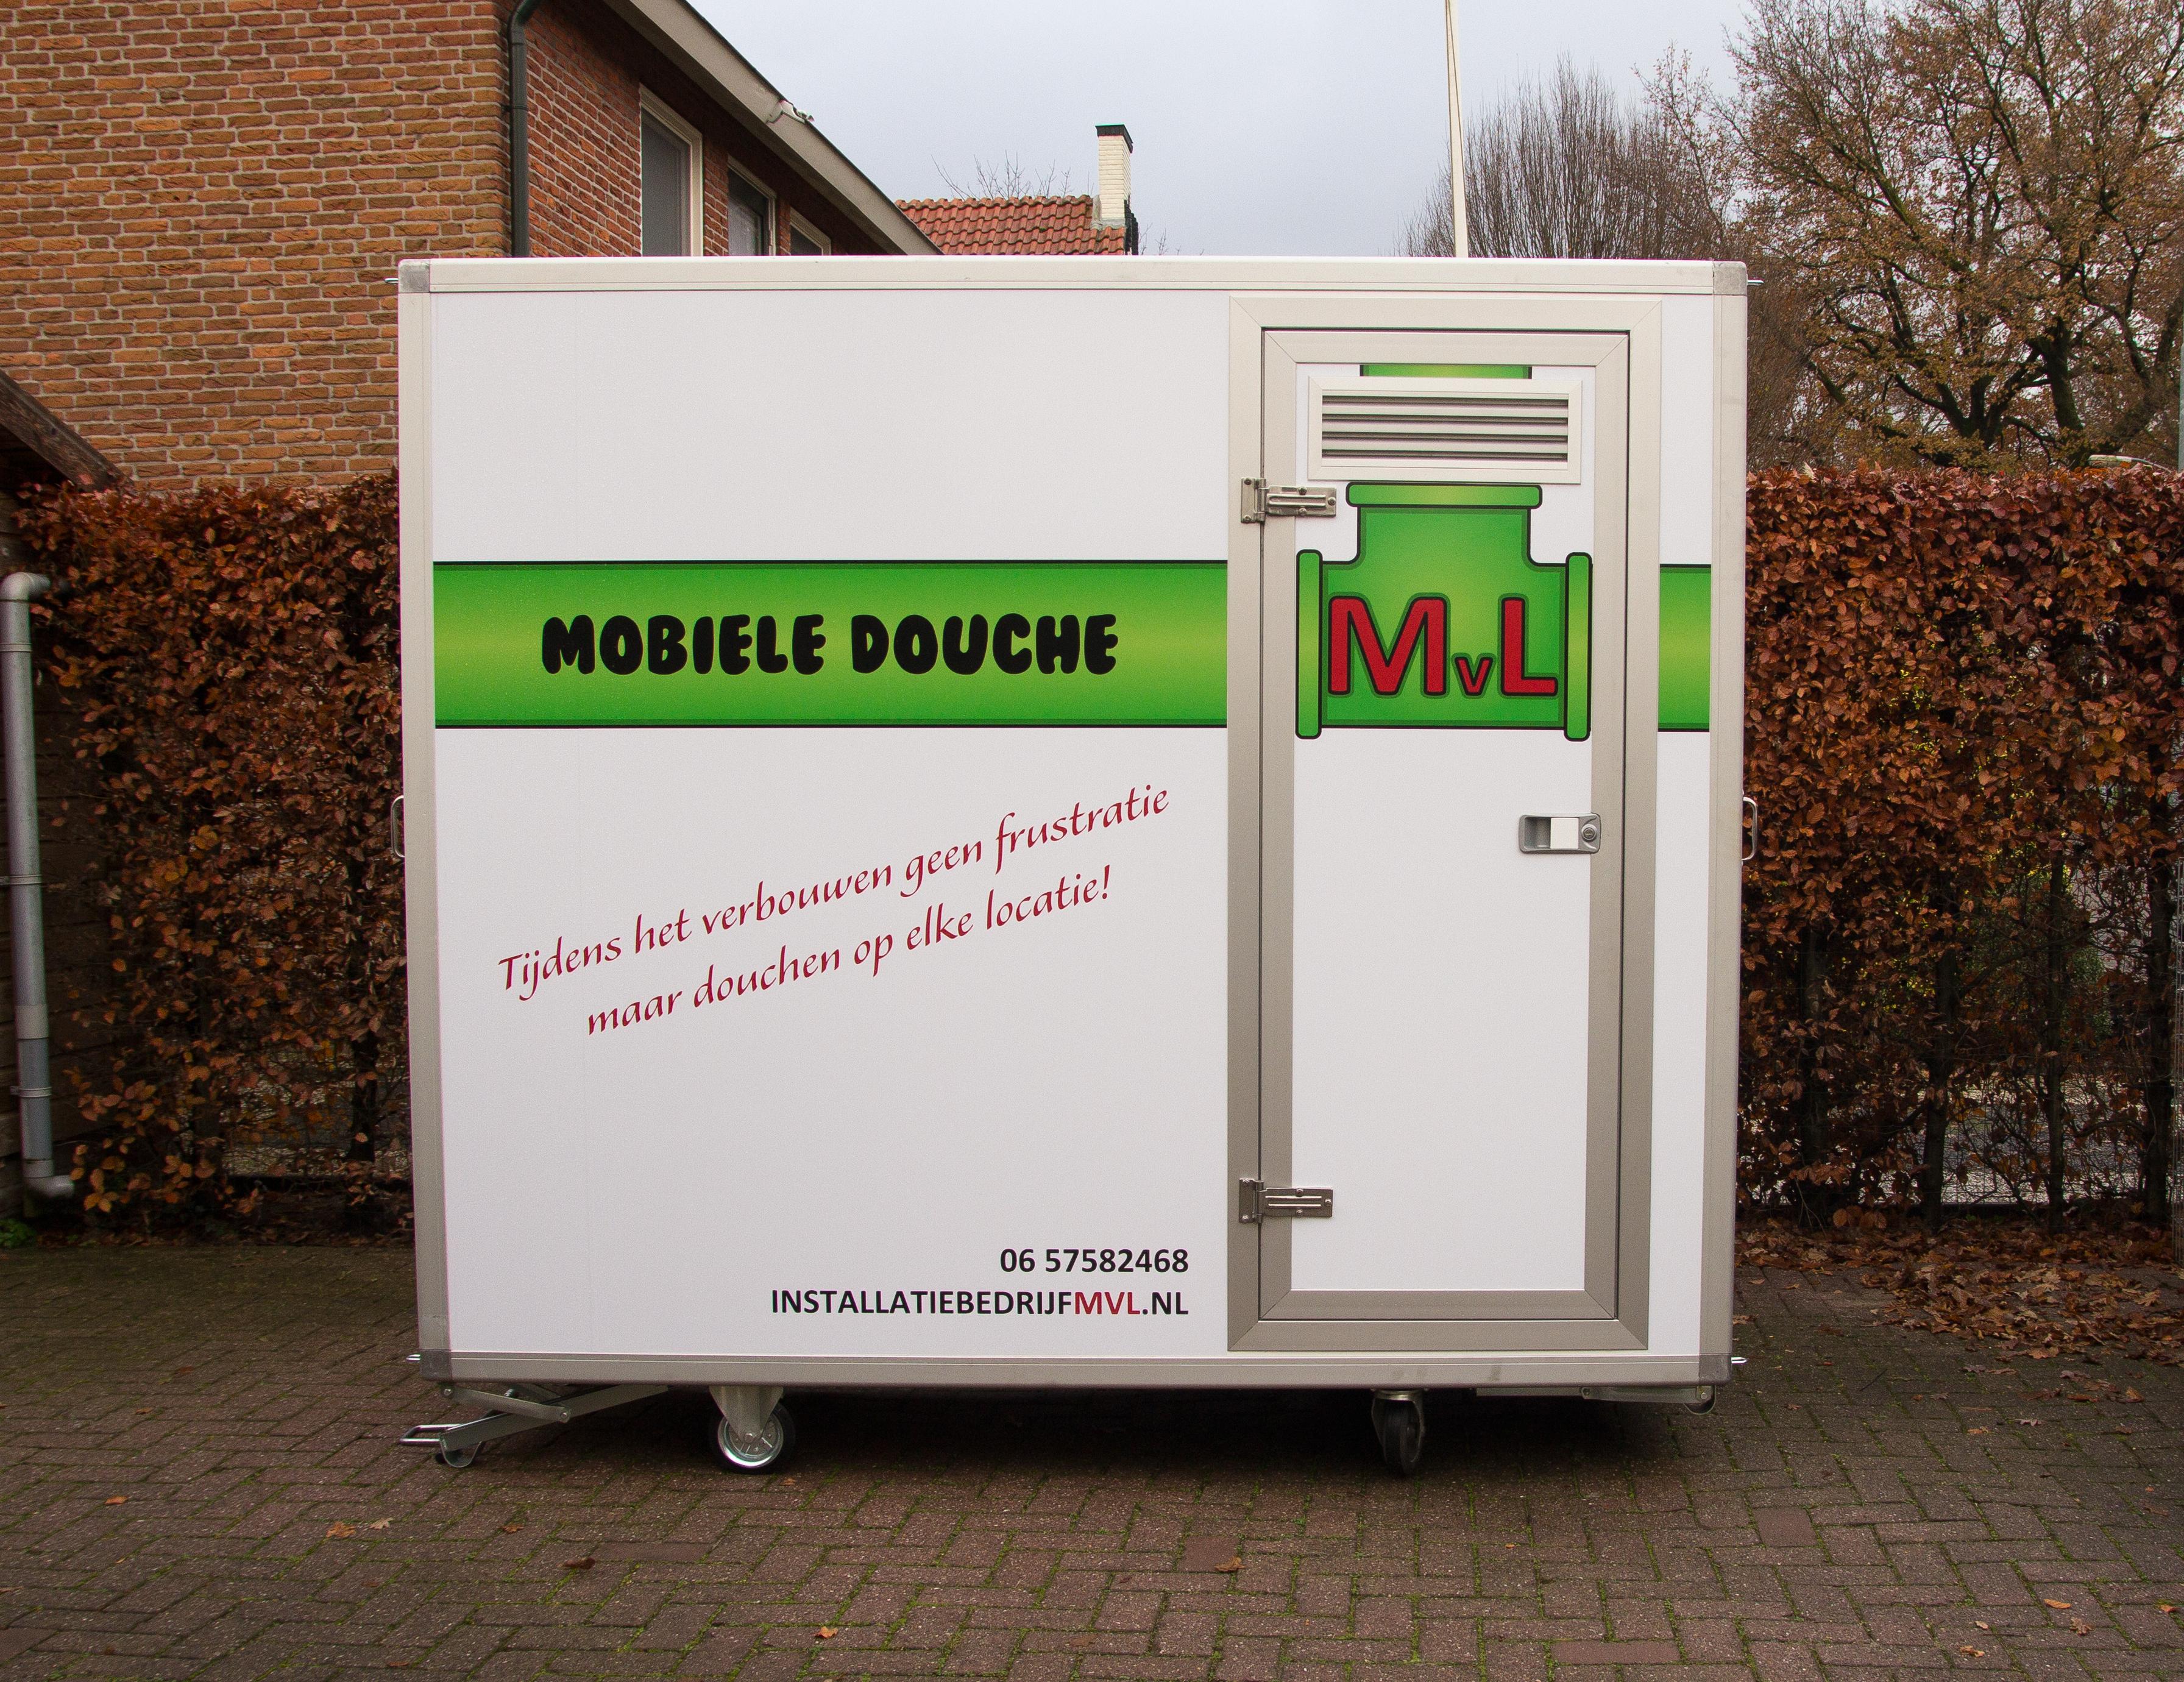 Mobiele Badkamer Huren : Mobiele douche installatiebedrijf mvl